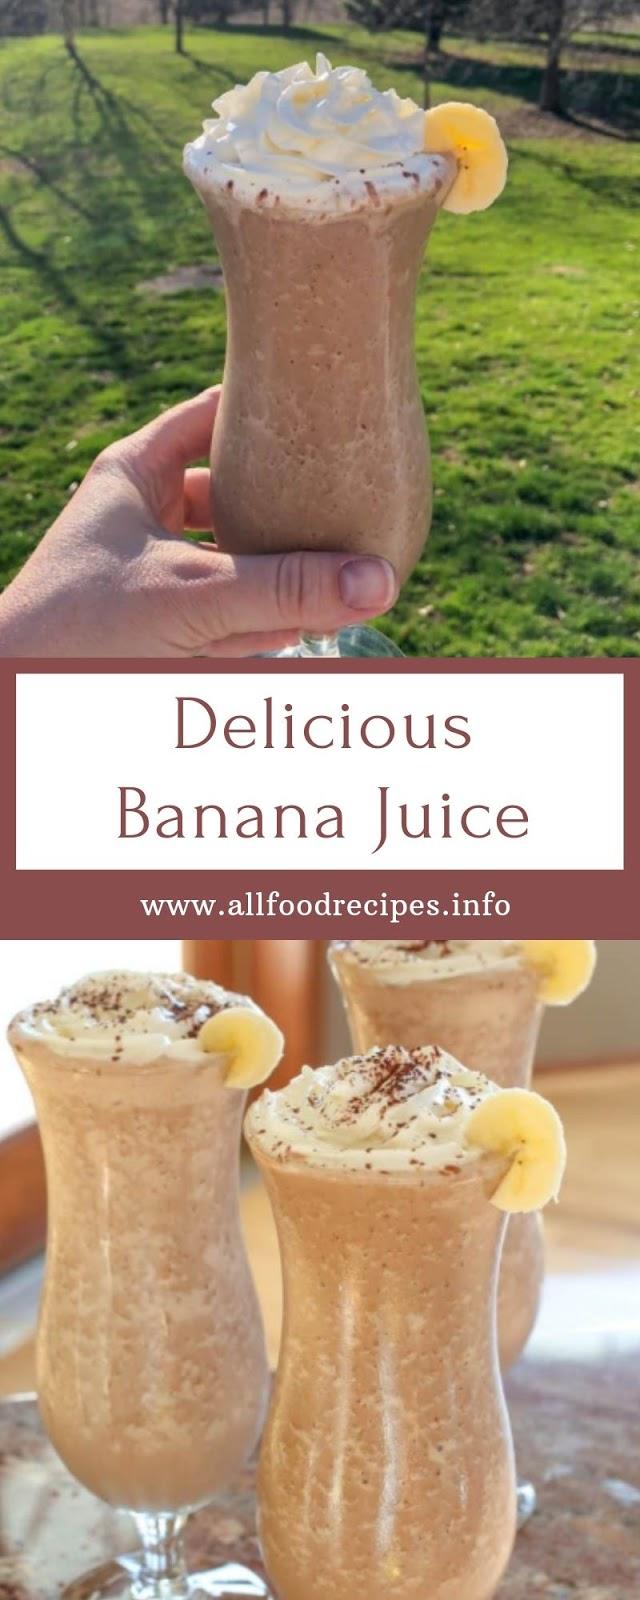 Delicious Banana Juice